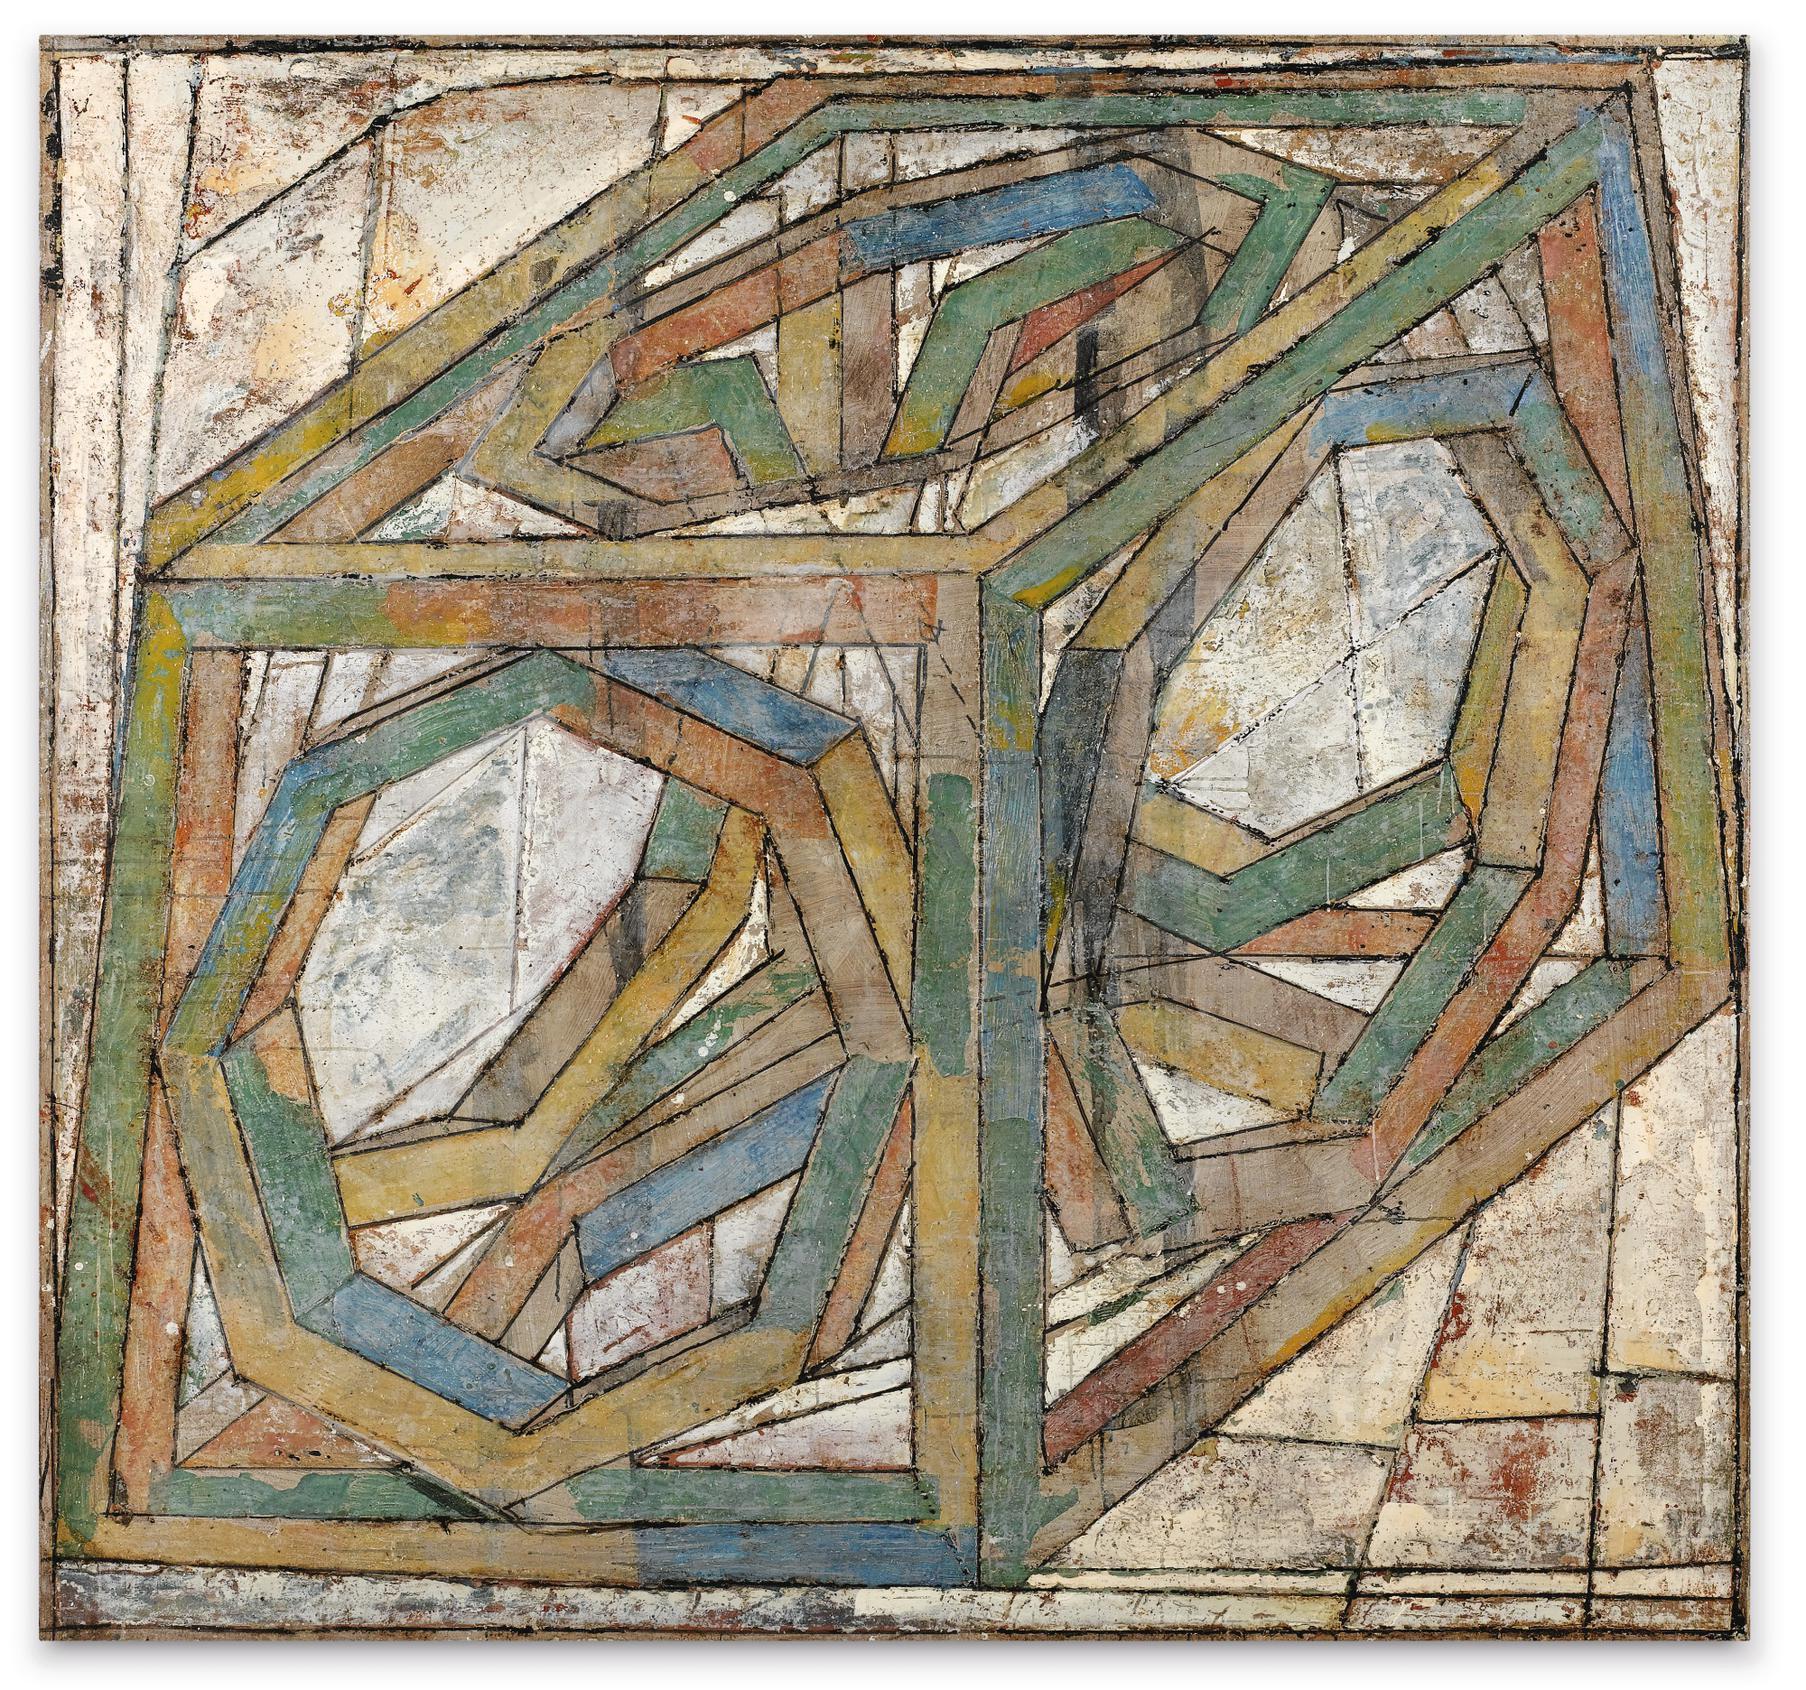 Jean-Pierre Pincemin-Untitled-2004